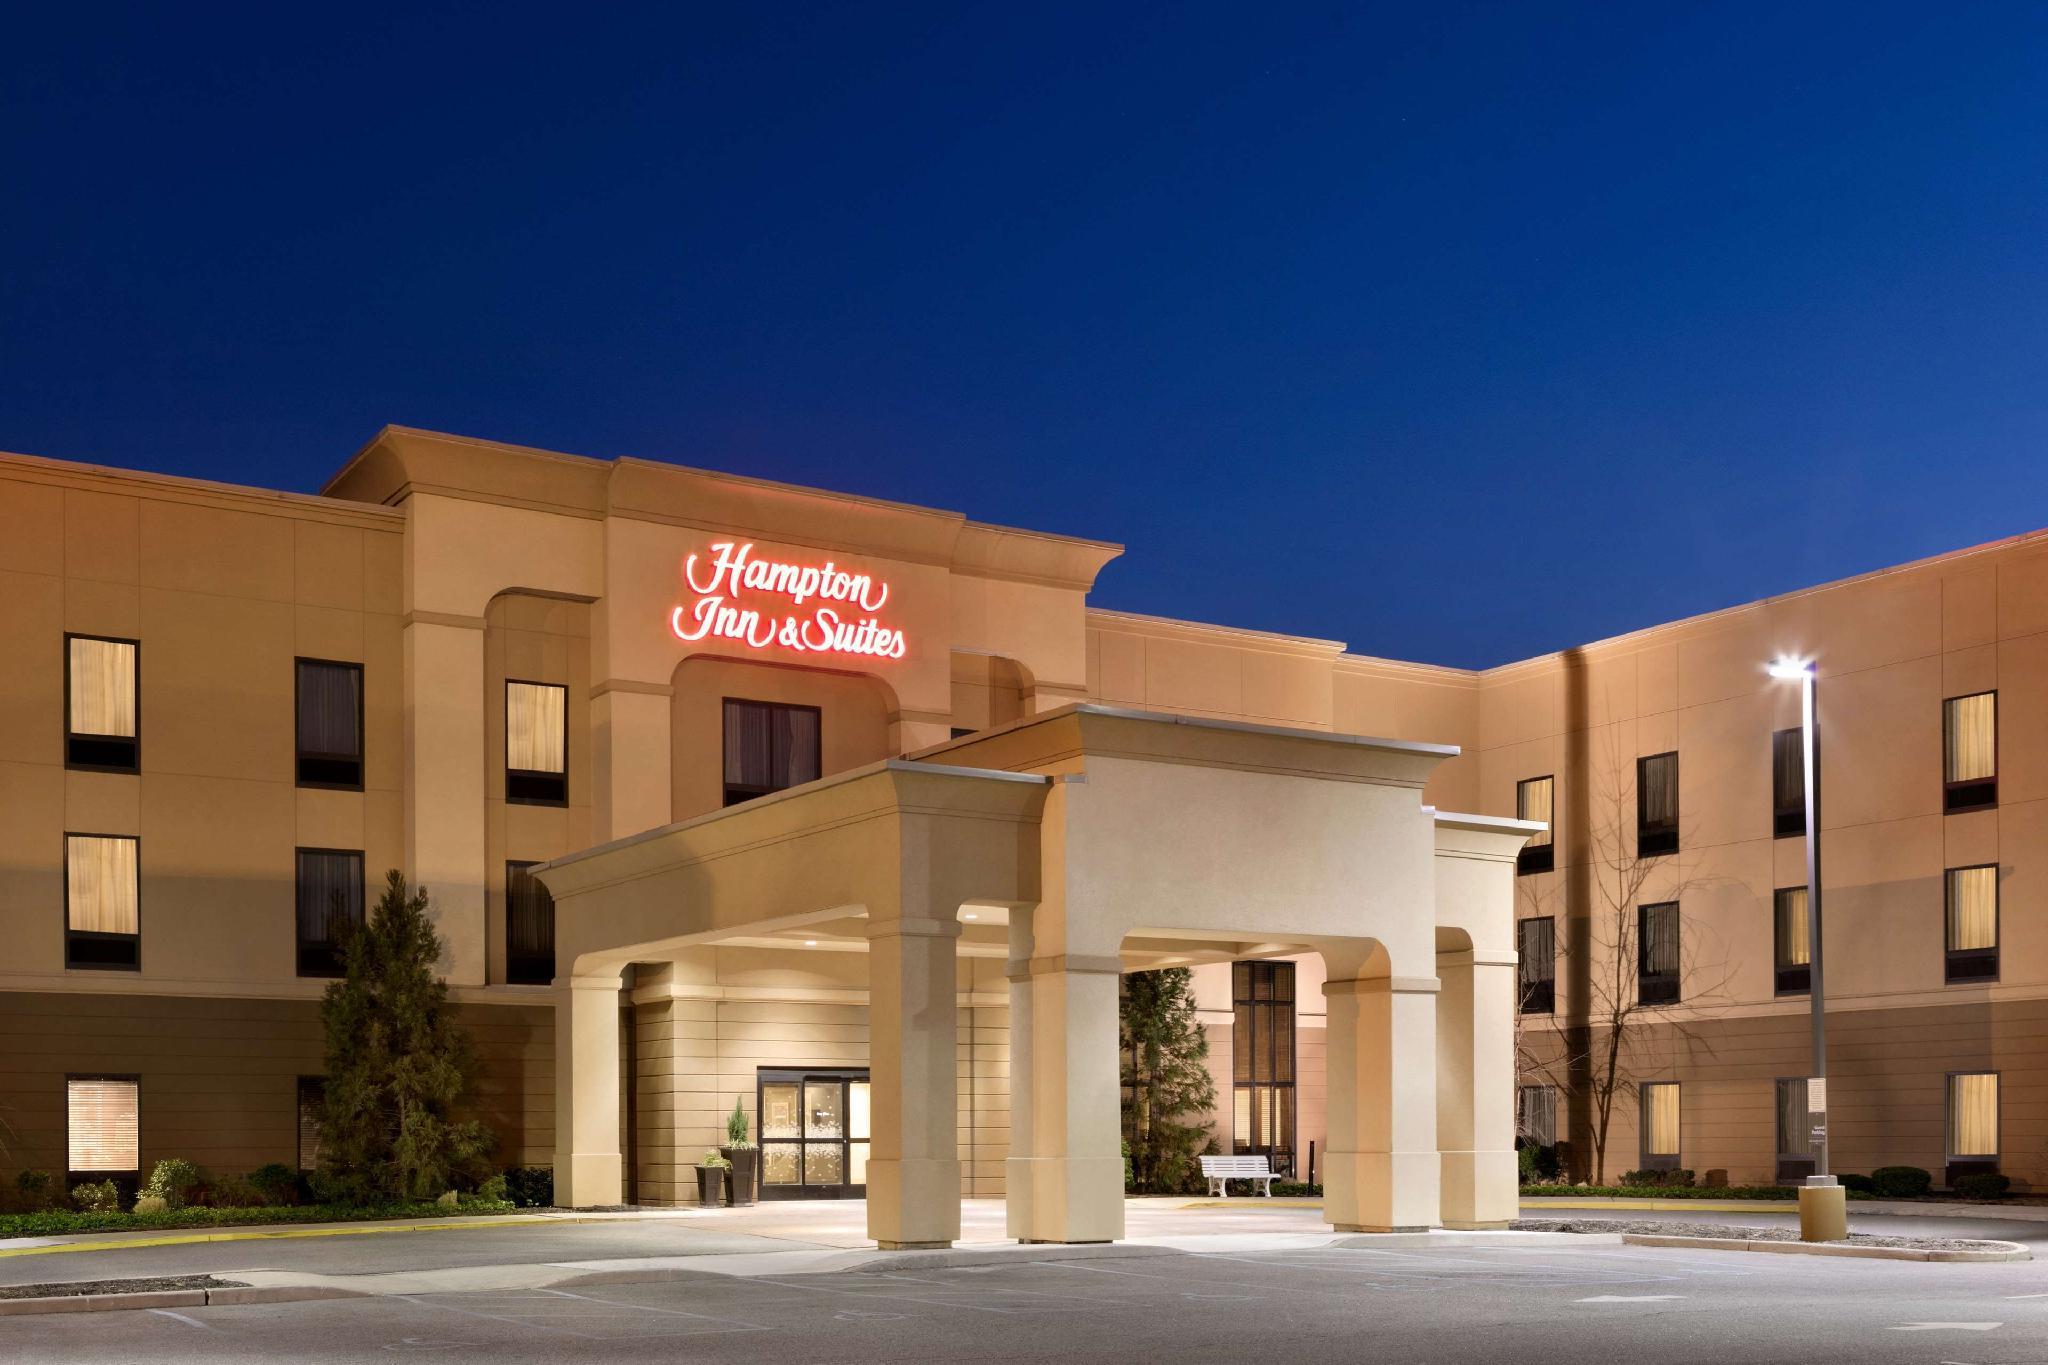 Hampton Inn And Suites Mahwah NJ